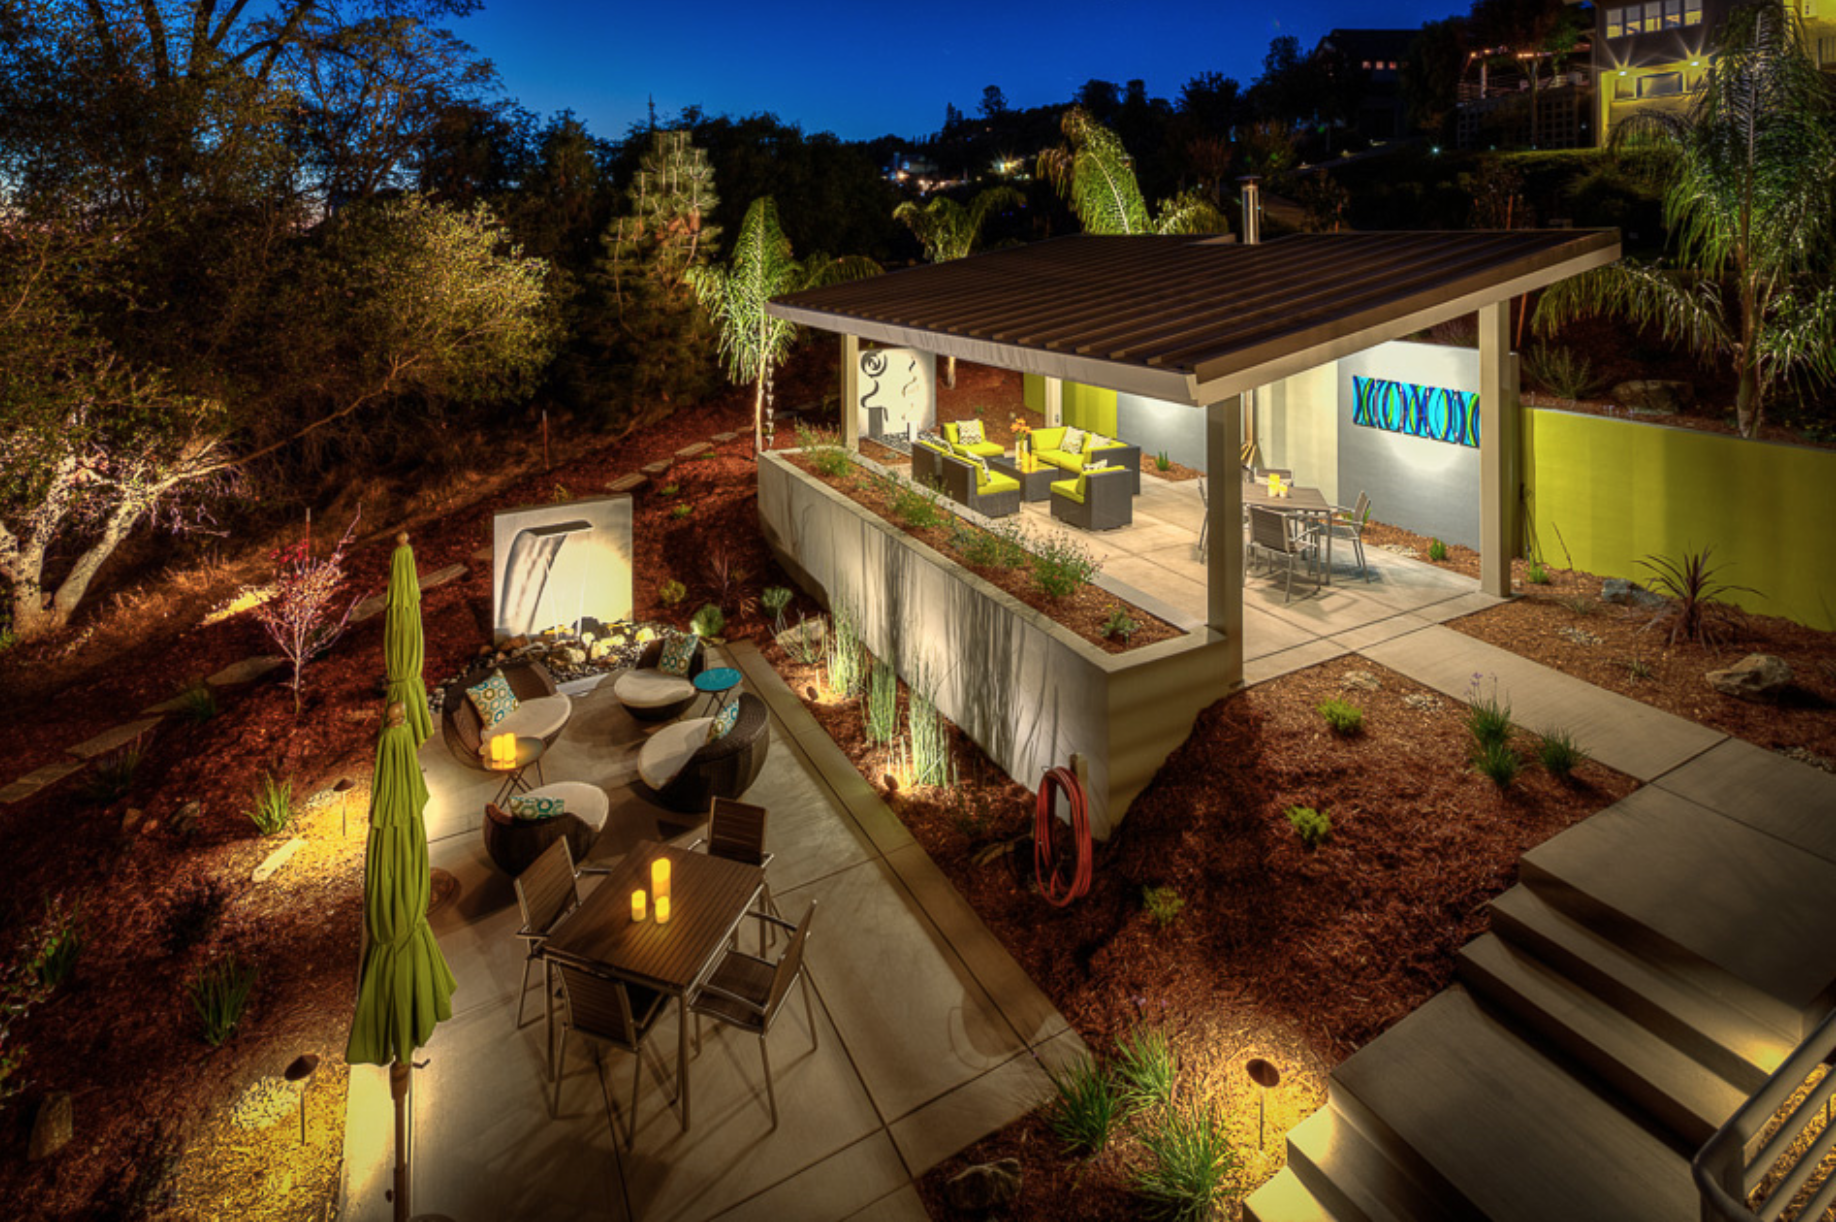 Jwa Landscape Concrete Construction El Dorado Hills Landscape Design